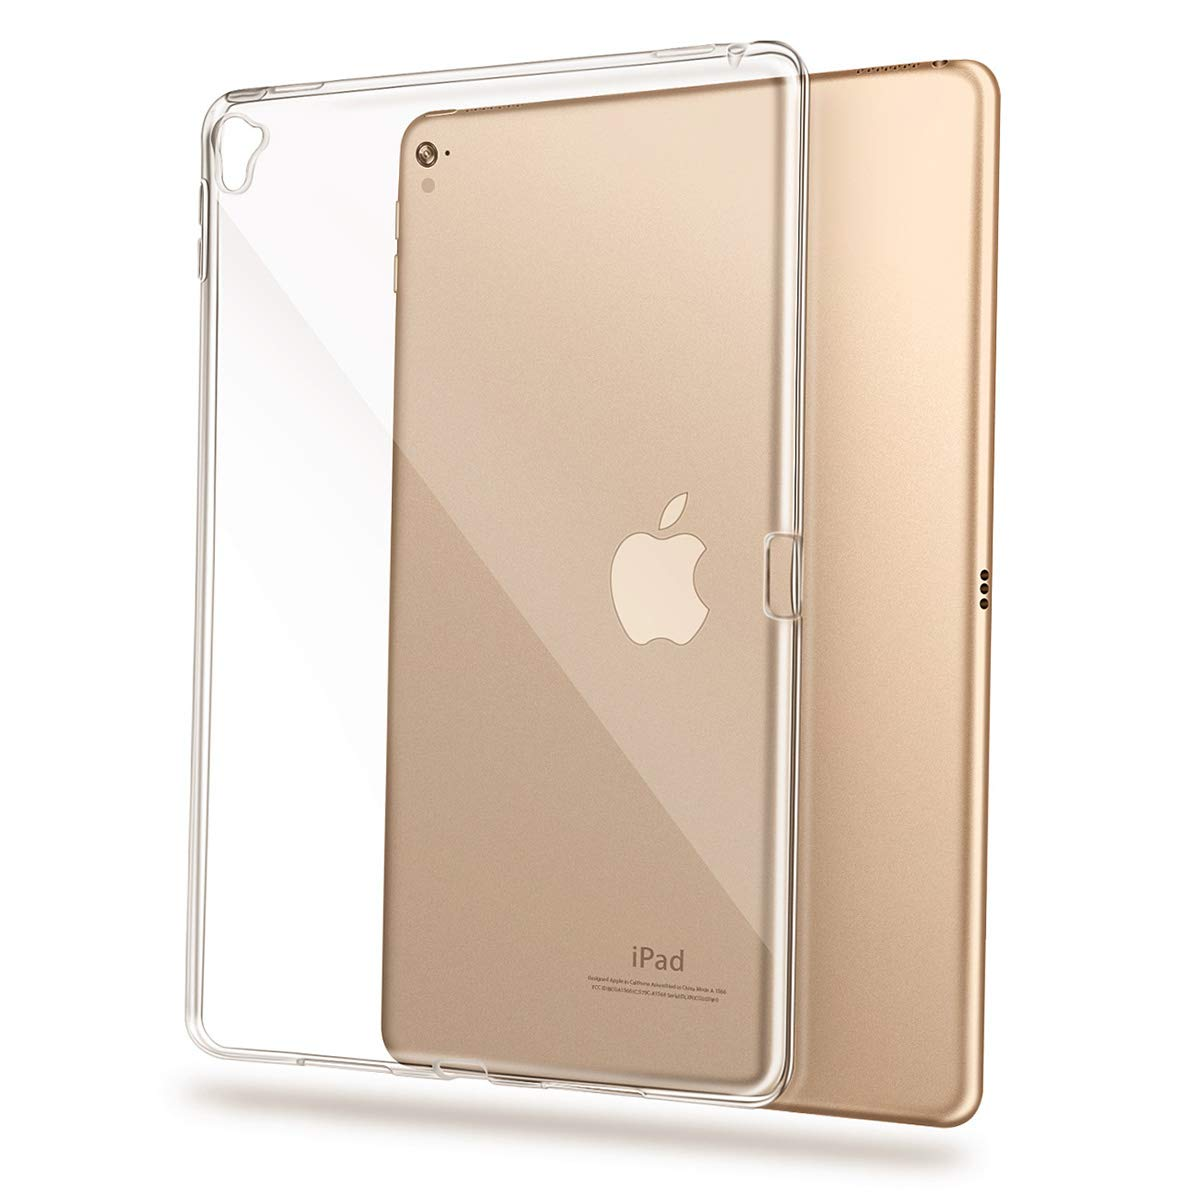 【国内配送】 TOTOOSE iPad Pro TOTOOSE 12.9インチ B07KW2YG67 2018ケース 超薄型 落下防止バックケース Pro プレミアム素材 フルプロテクション スリムプロテクターカバー iPad Pro 12.9インチ 2018用に特別にデザイン B07KW2YG67, 山越郡:df2e2107 --- a0267596.xsph.ru